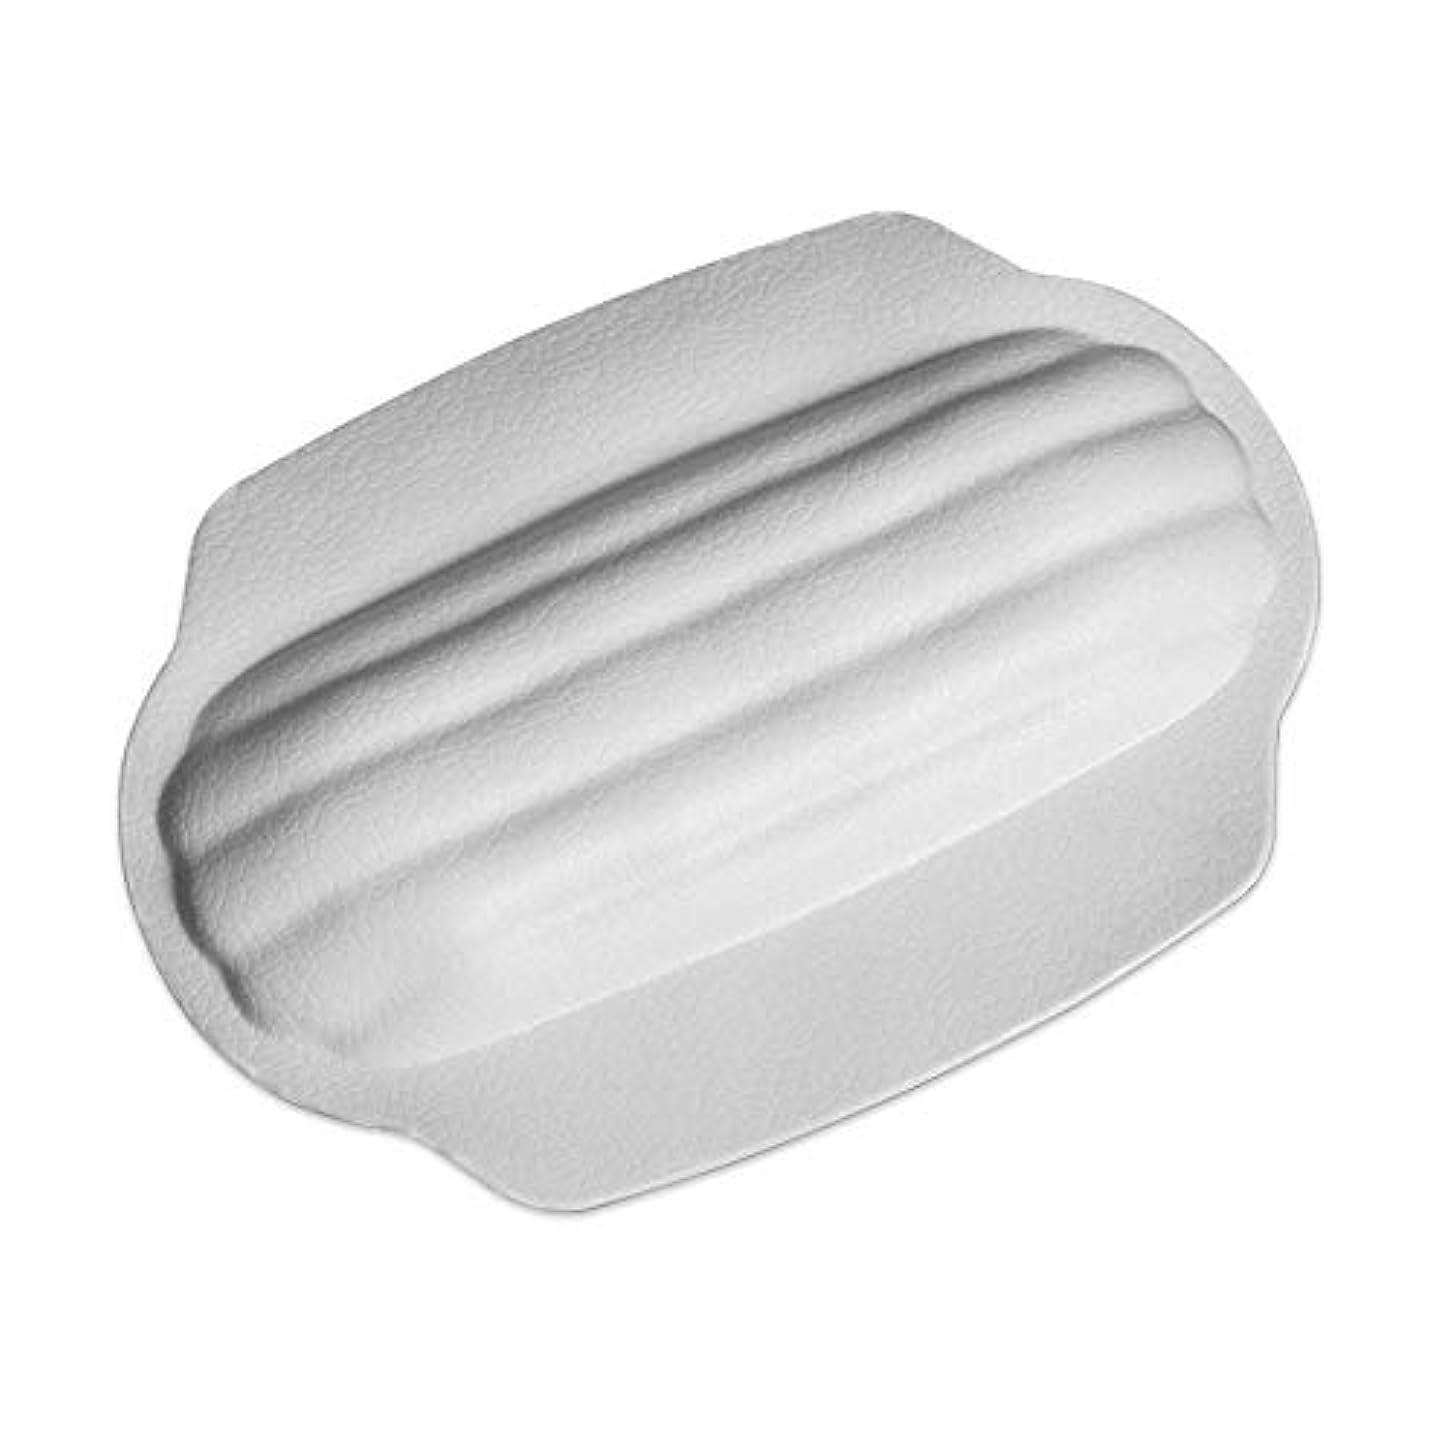 サスペンドパンツ添加剤サクションカップ付き防水滑り止めスパ枕厚めユニバーサルバスタブ枕バスタブと抗菌性